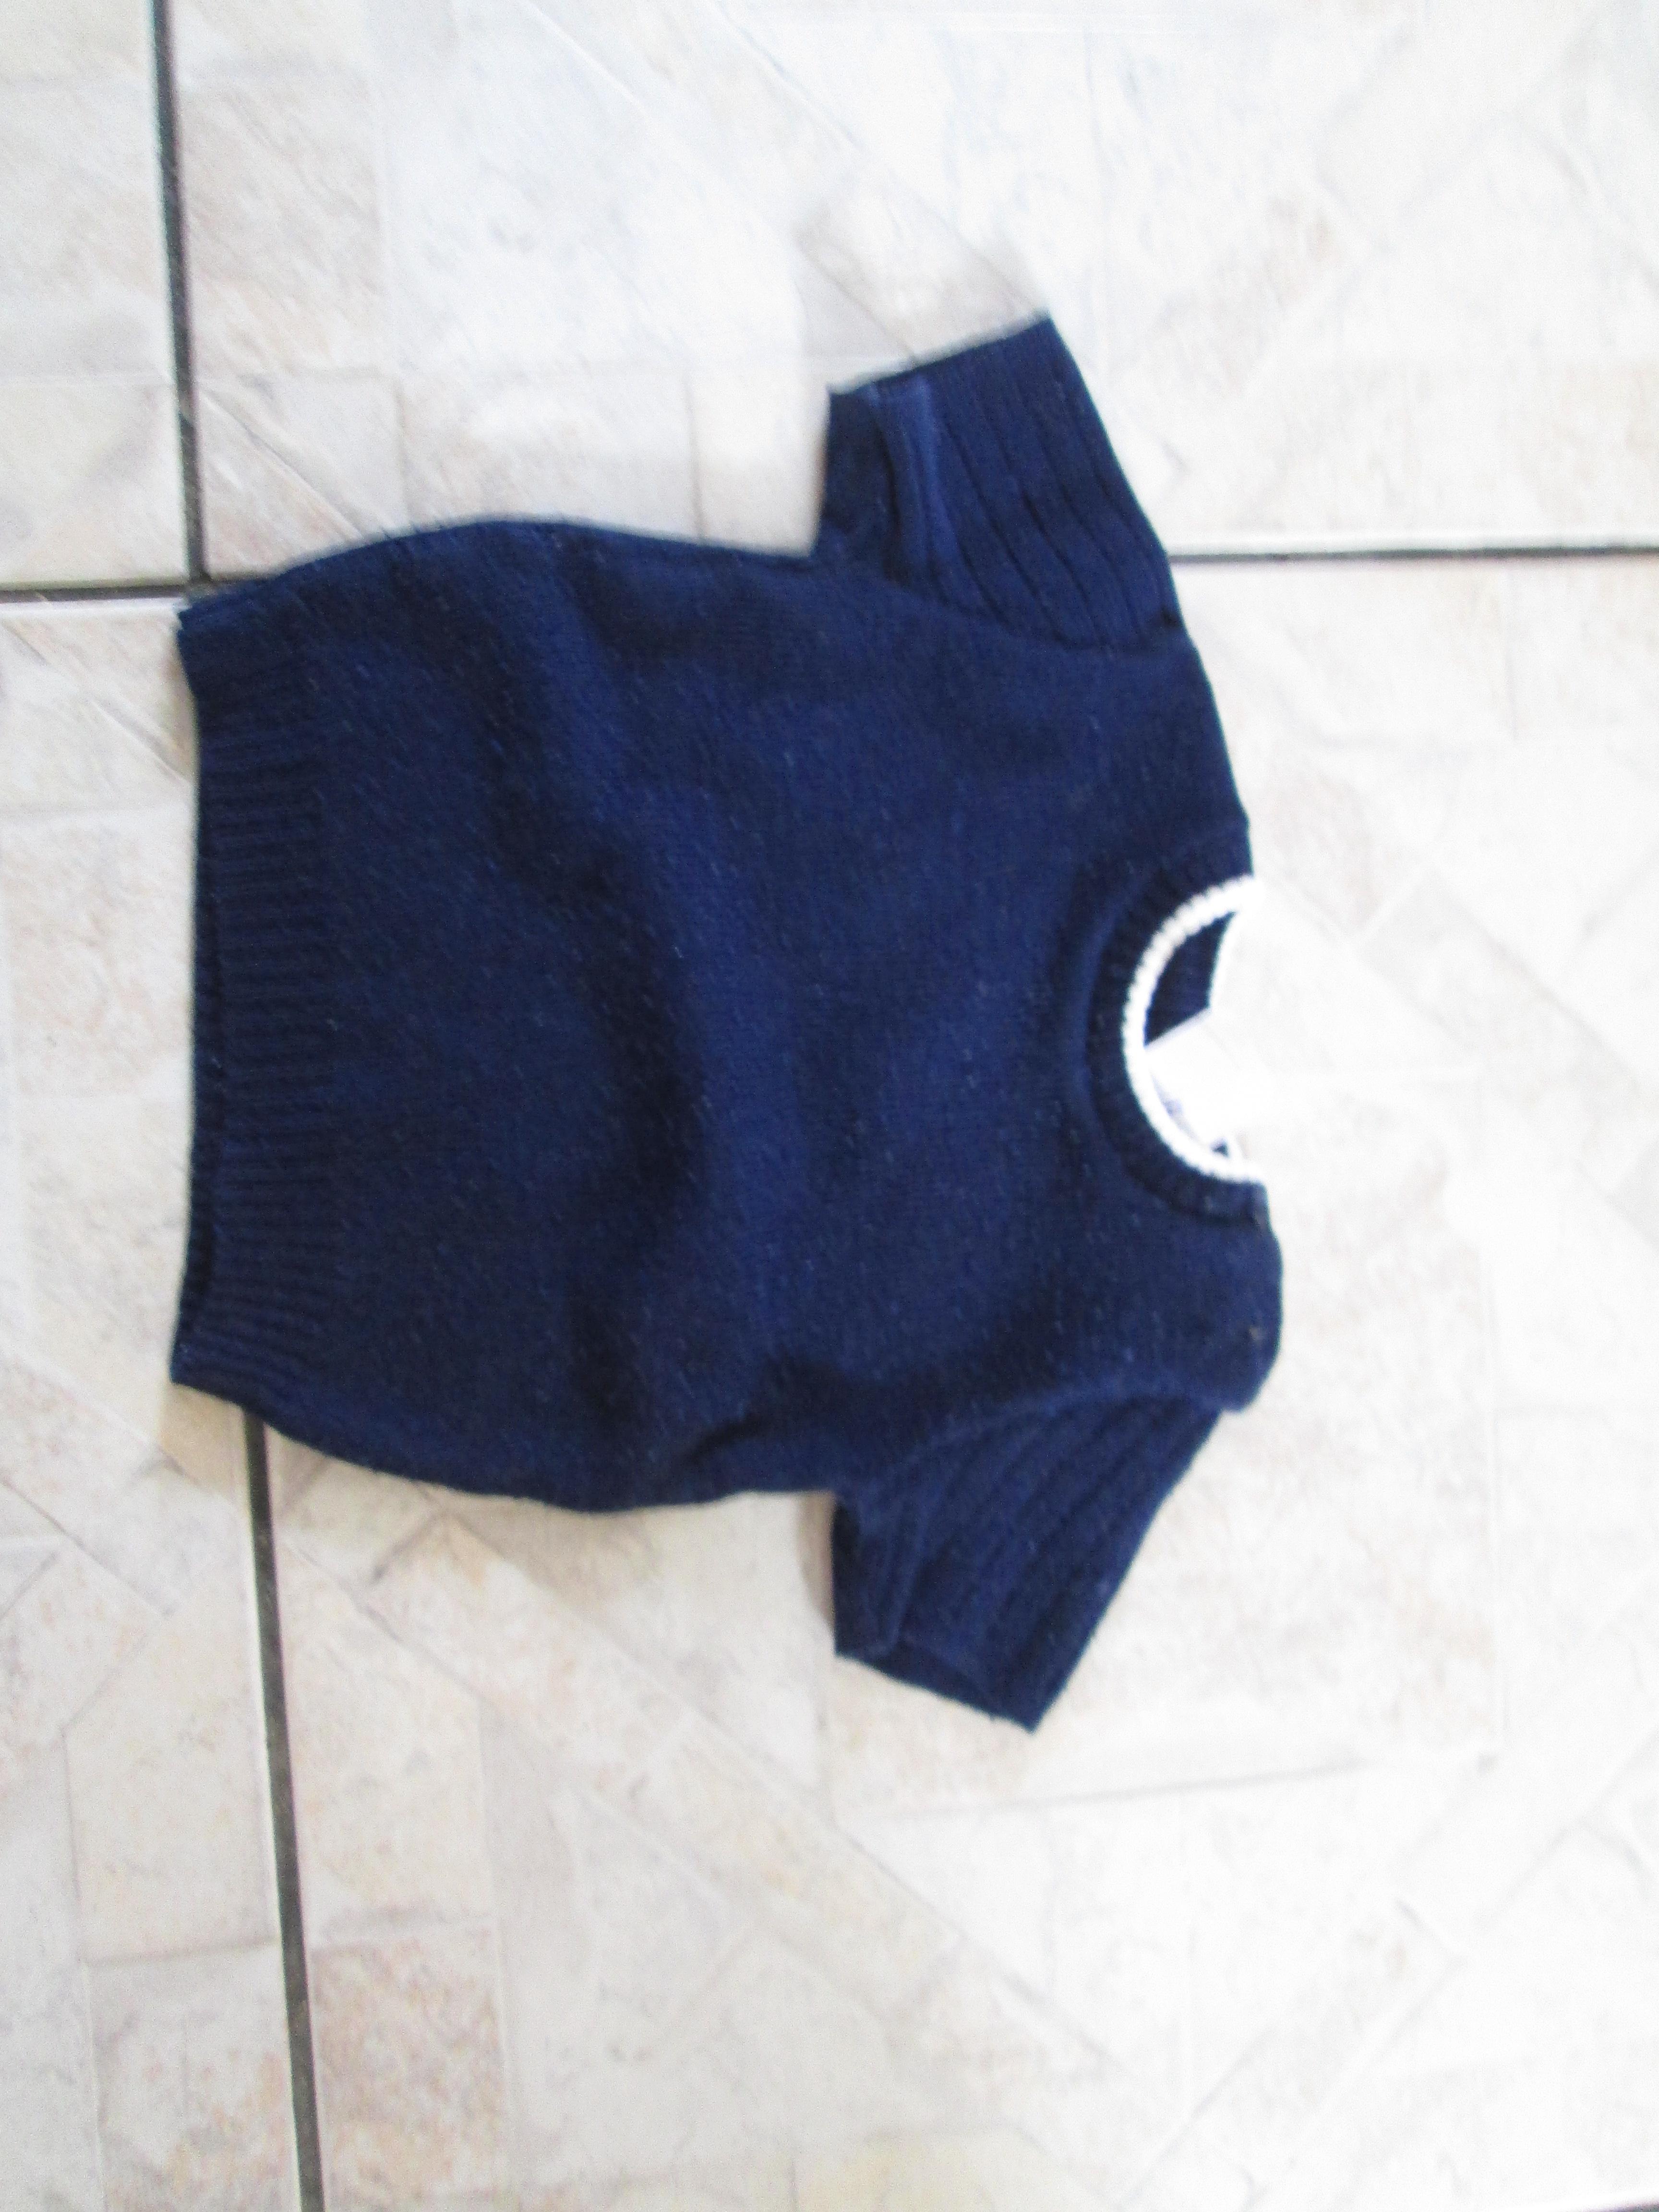 troc de troc pull bleu marine 3 mois m courtes 2 noisettes image 0